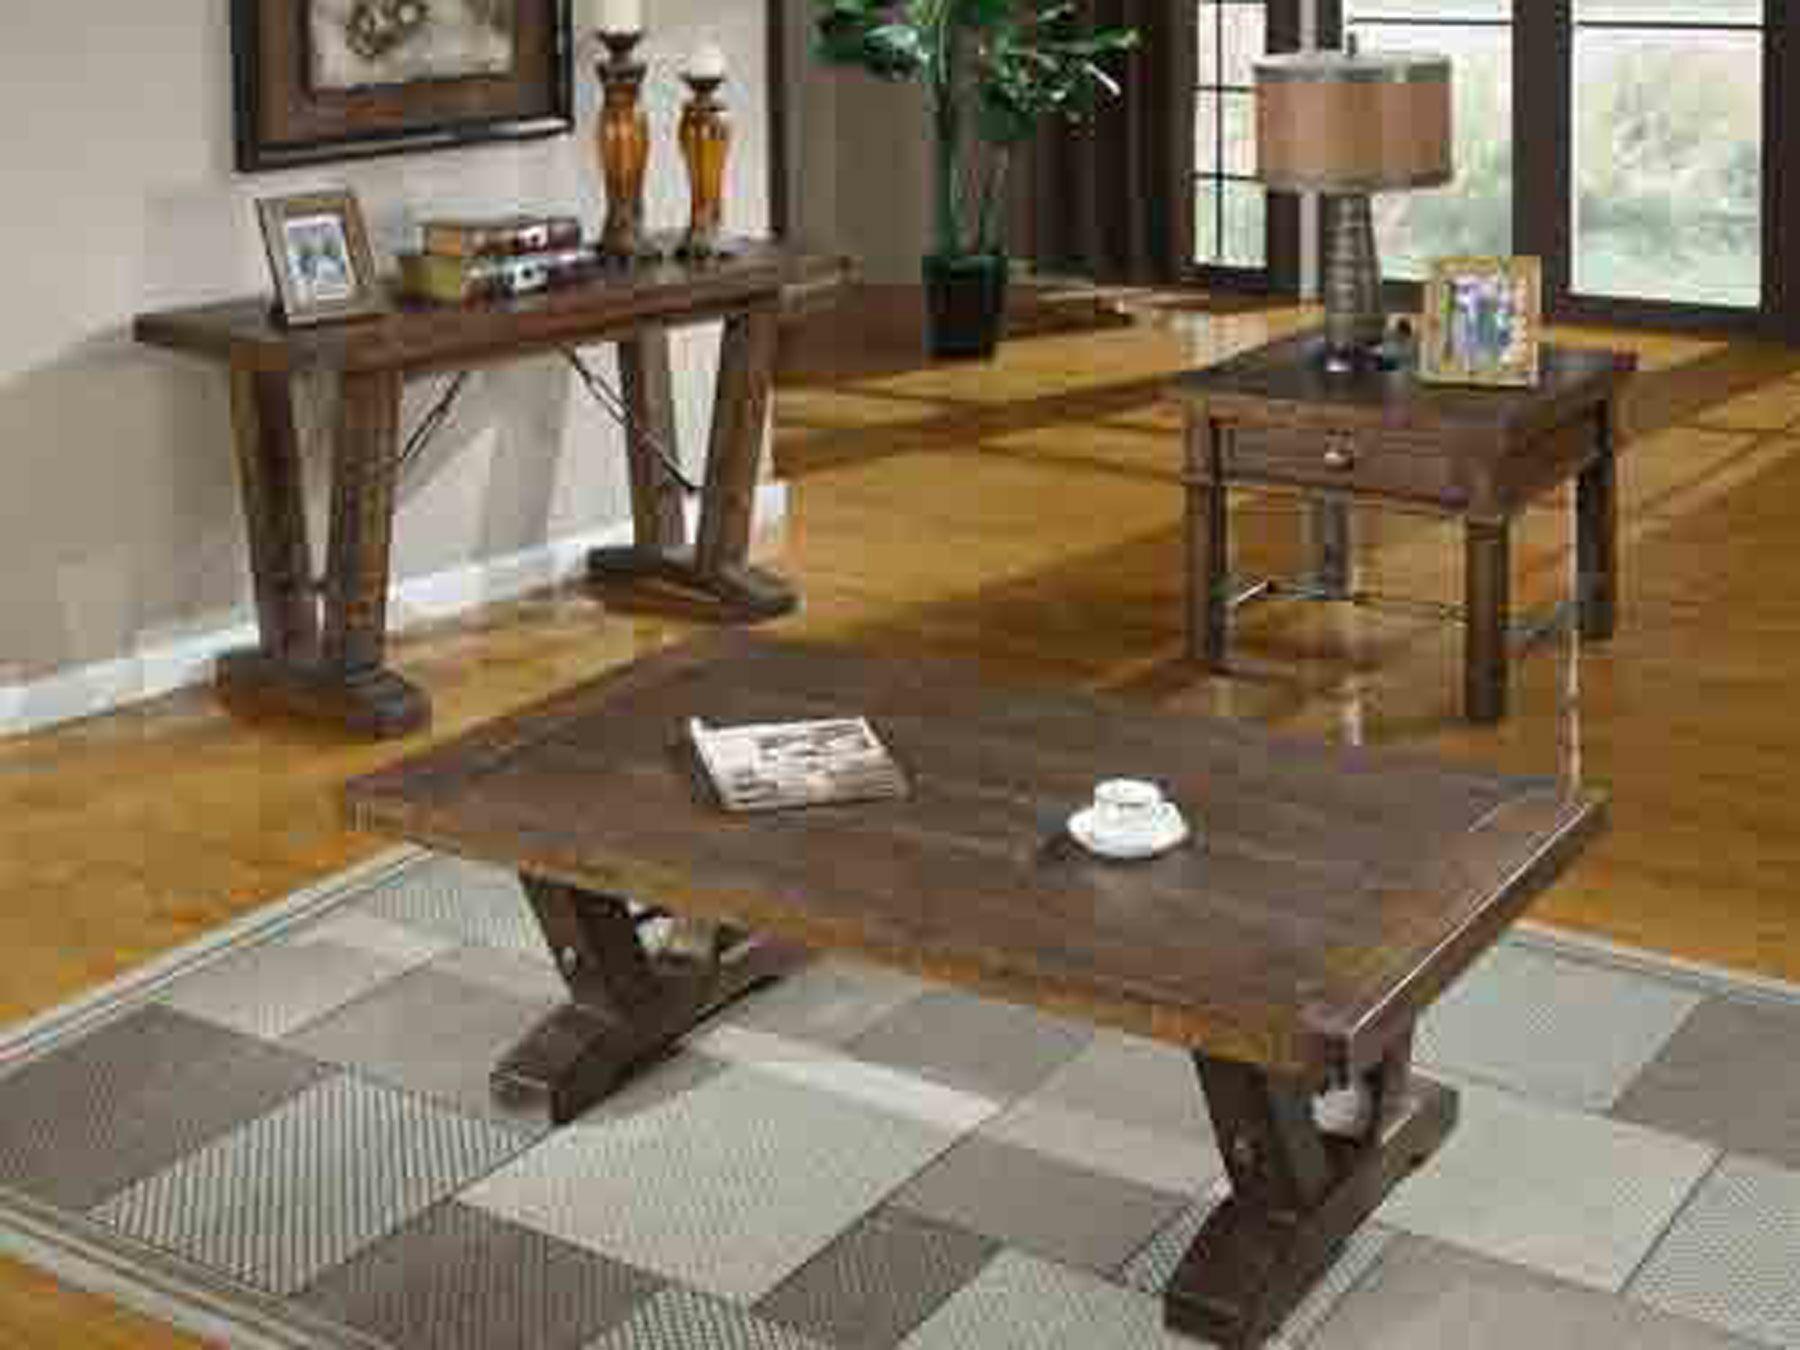 Diez Coffee Table Set